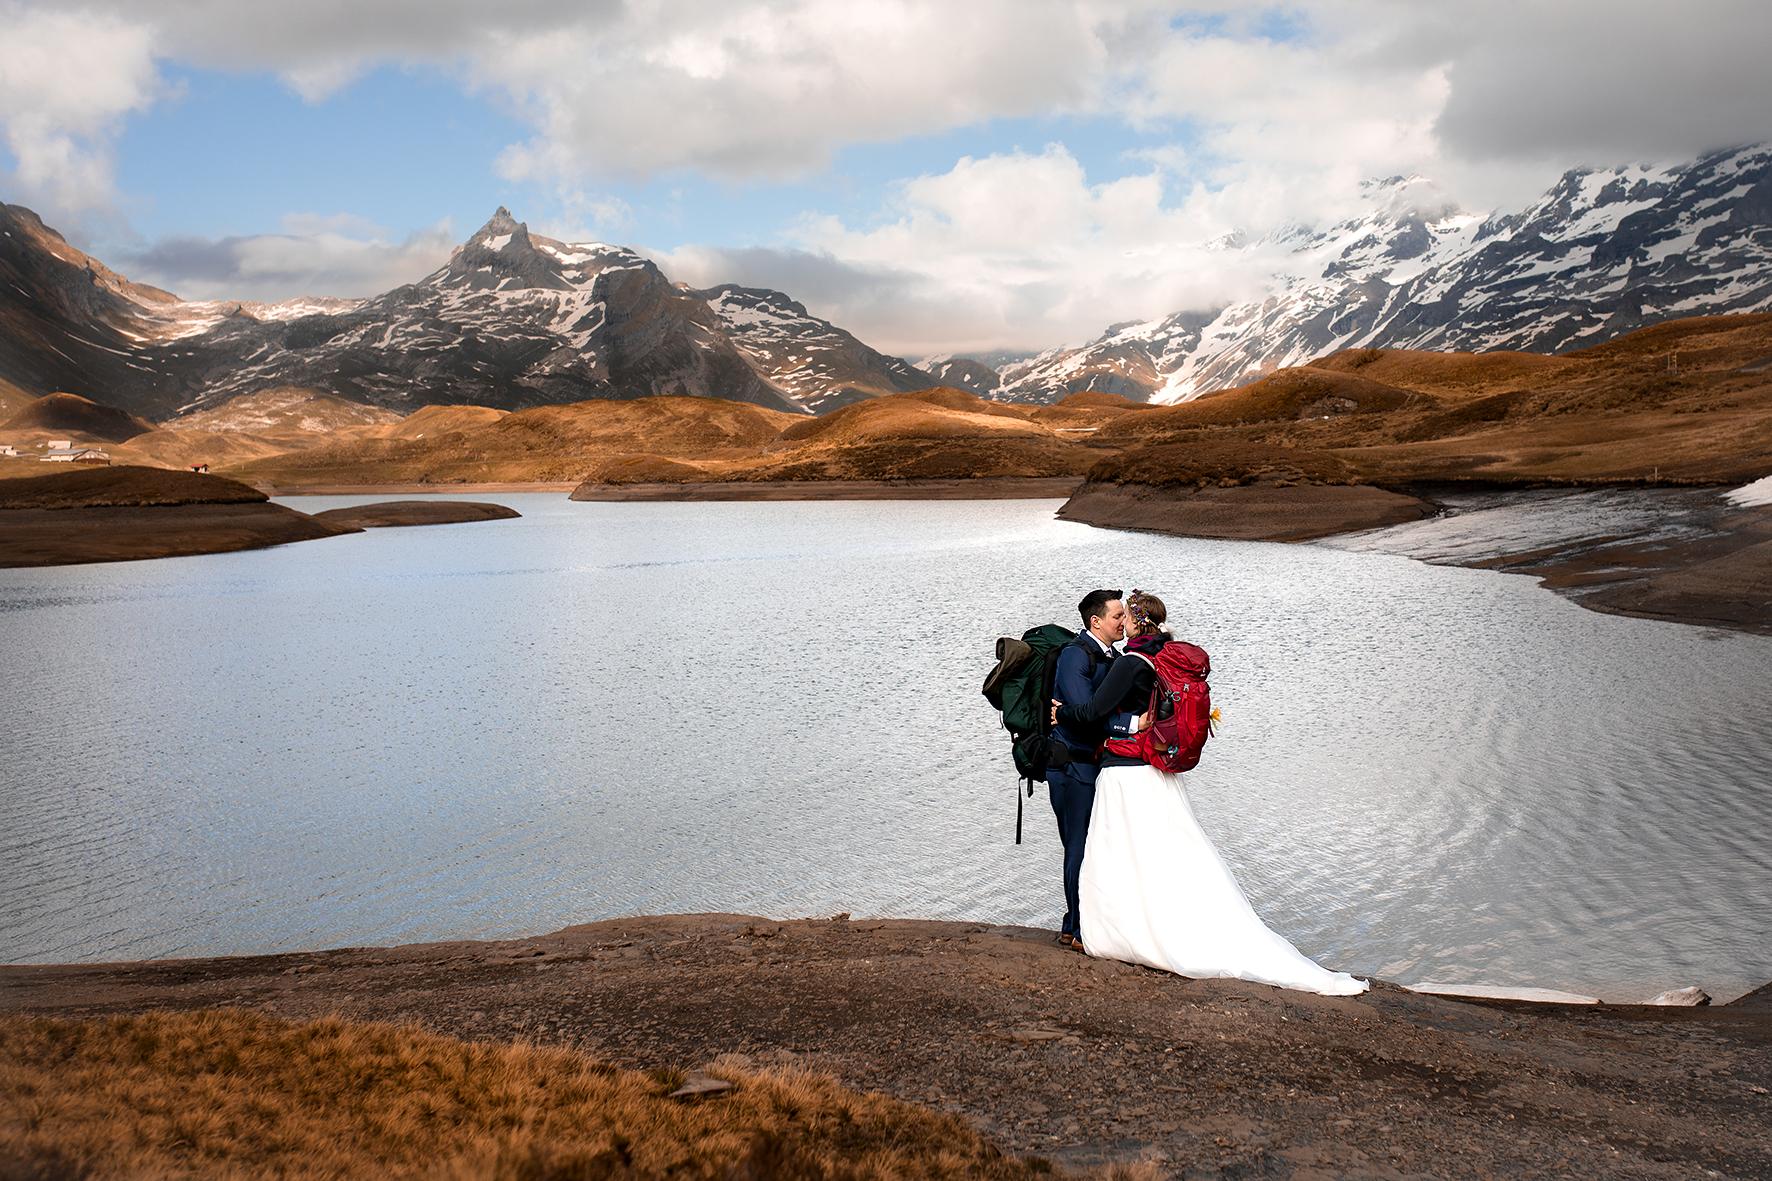 Ein Brautpaar hält sich in den Armen und küsst sich vor einer atemberaubenden Bergkulisse in den Alpen. Ein grosser Bergsee, rostrote Hügel und schneebedeckte Berge bilden die Kulisse für ein Hochzeit in den Bergen. Das Brautpaar trägt Hochzeitsoutfit und Wanderrucksäcke.